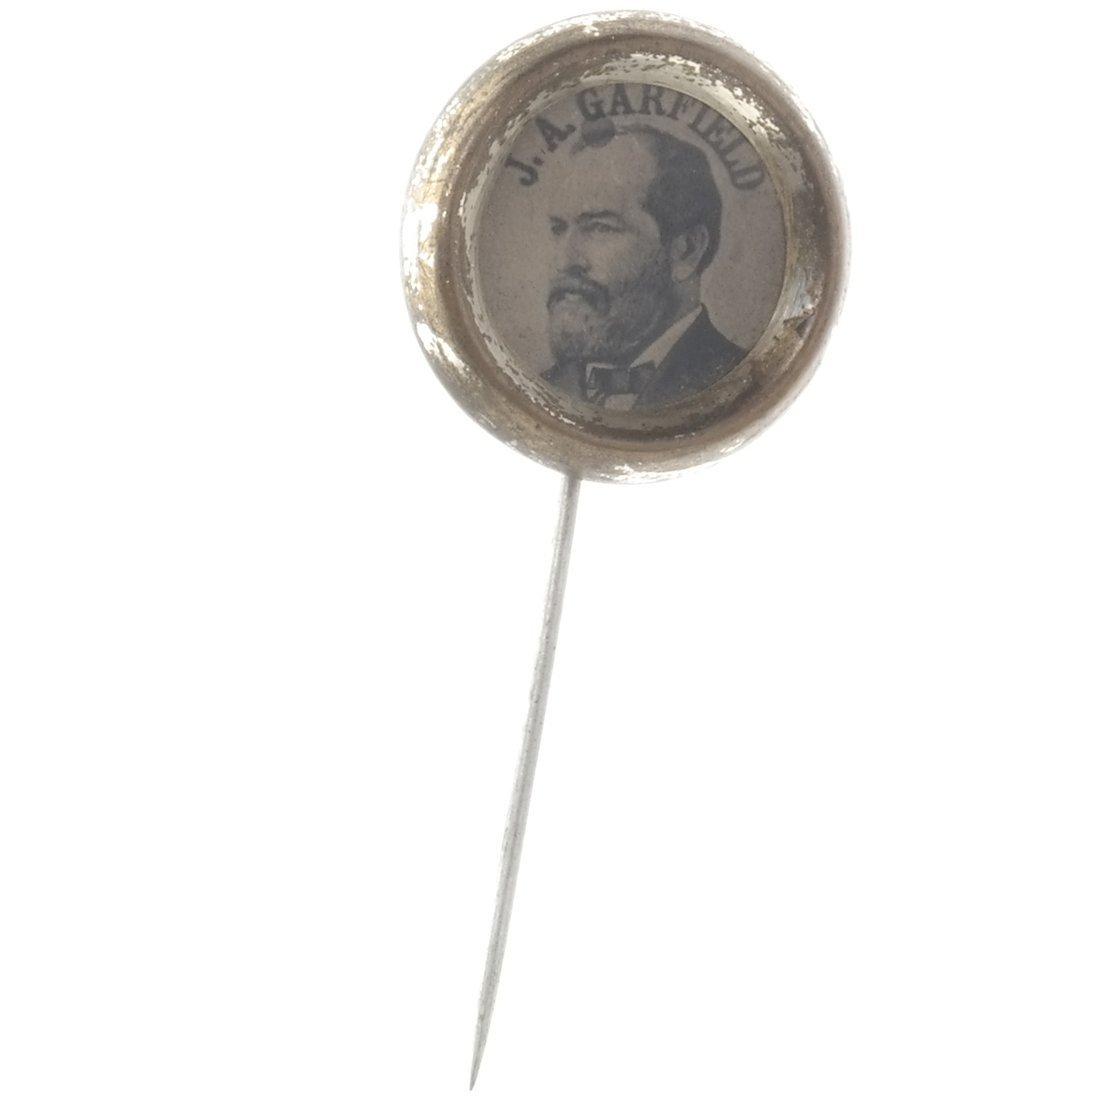 James A. Garfield 1880 Ferrotype Stickpin